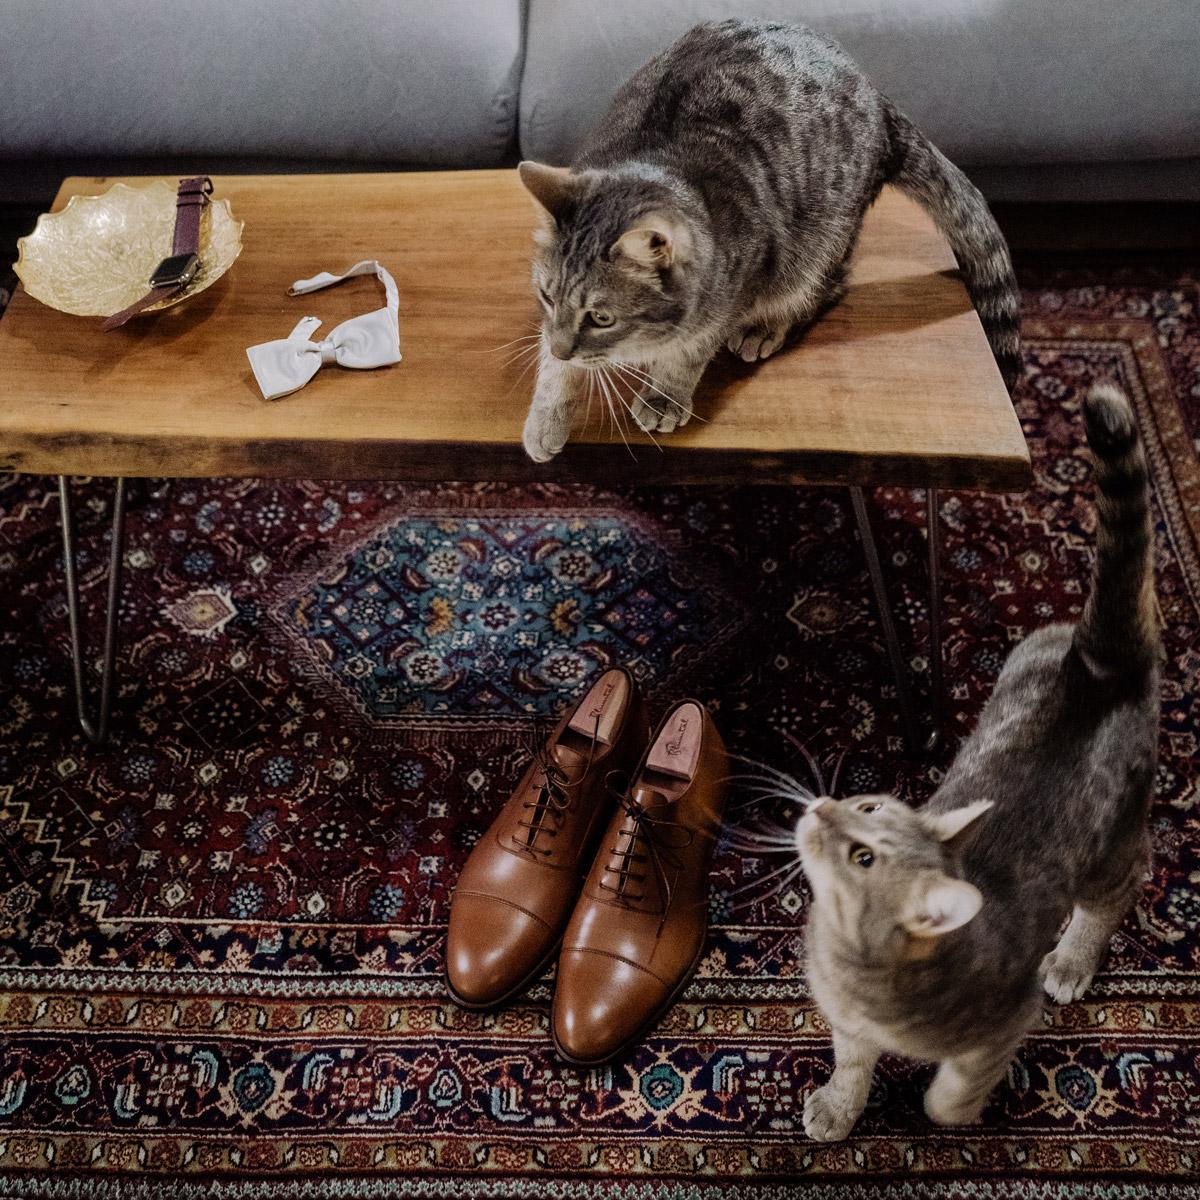 Humor Hochzeit mit Katzen, Hochzeitsfoto Idee ausgefallen, #Hochzeitsmoment beim Getting Ready vom Bräutigam mit seinen braunen Schuhen und einer hellgrauen Fliege © www.hochzeitslicht.de #hochzeitslicht #stylerealgroom